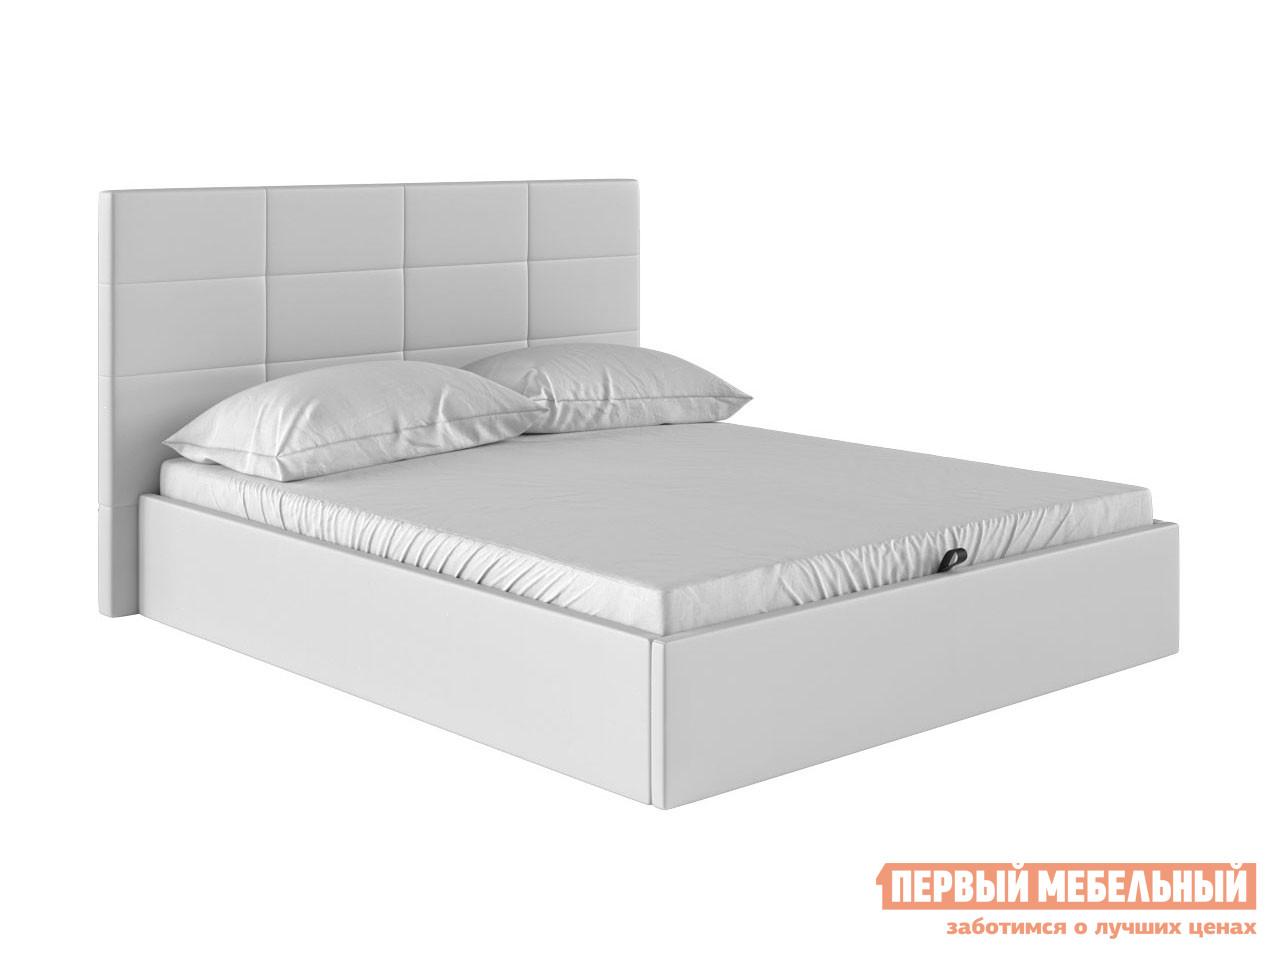 Двуспальная кровать  Коста Белый, экокожа , 140х200 см Первый Мебельный 82784